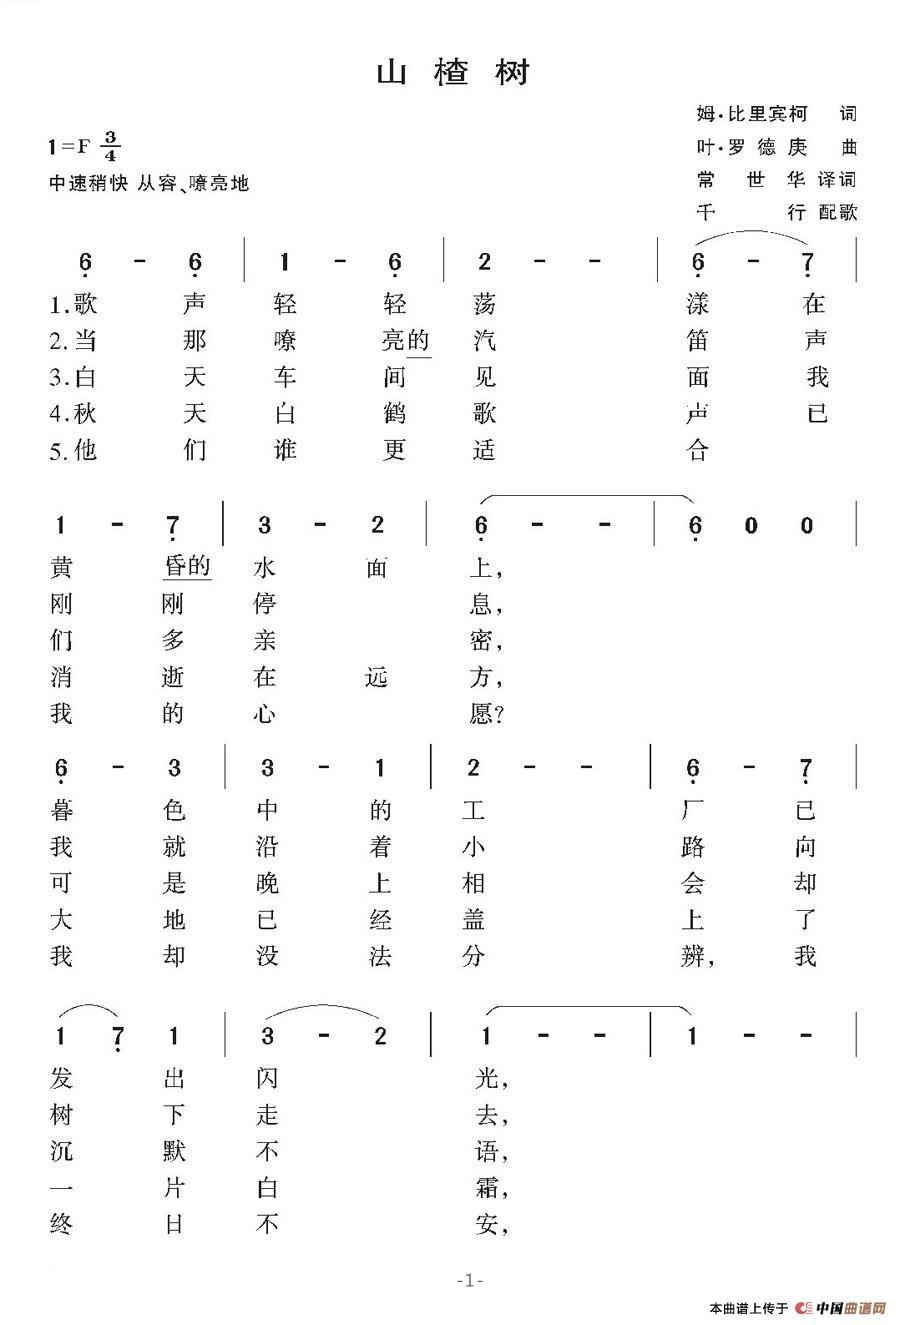 [俄罗斯]山楂树(千行配歌版)_简谱